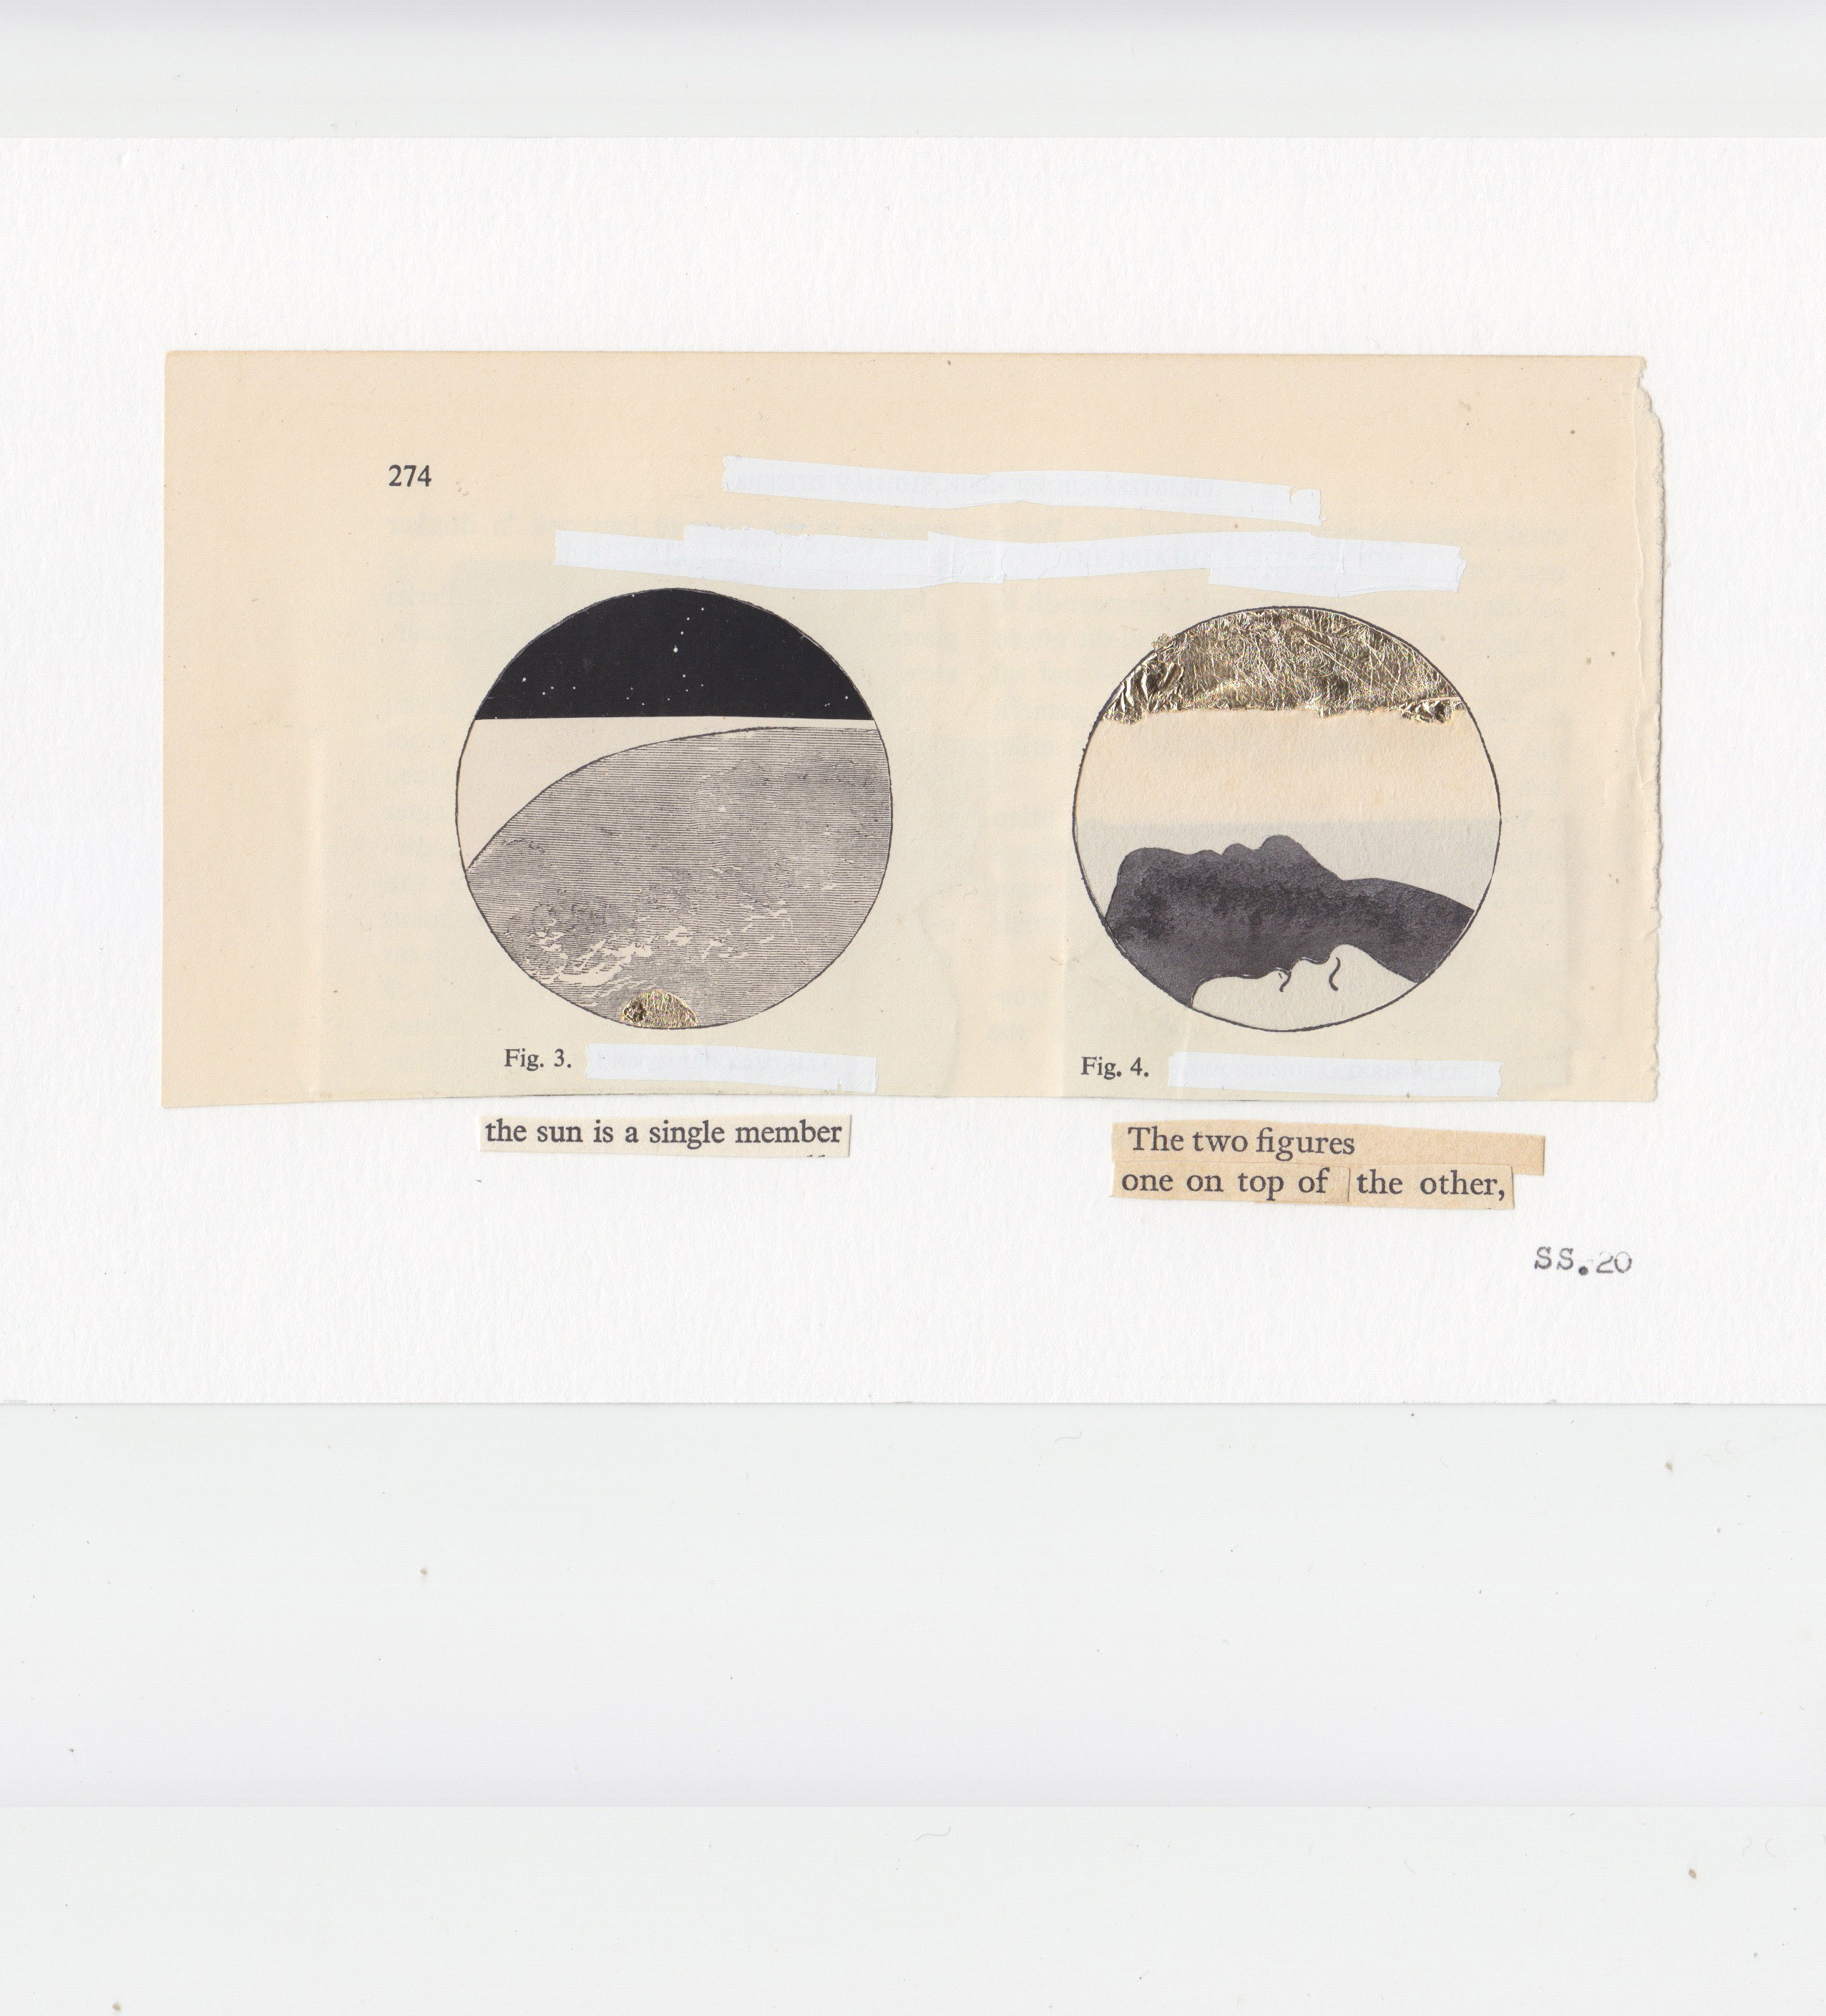 S 1.05 - 23x15 cm